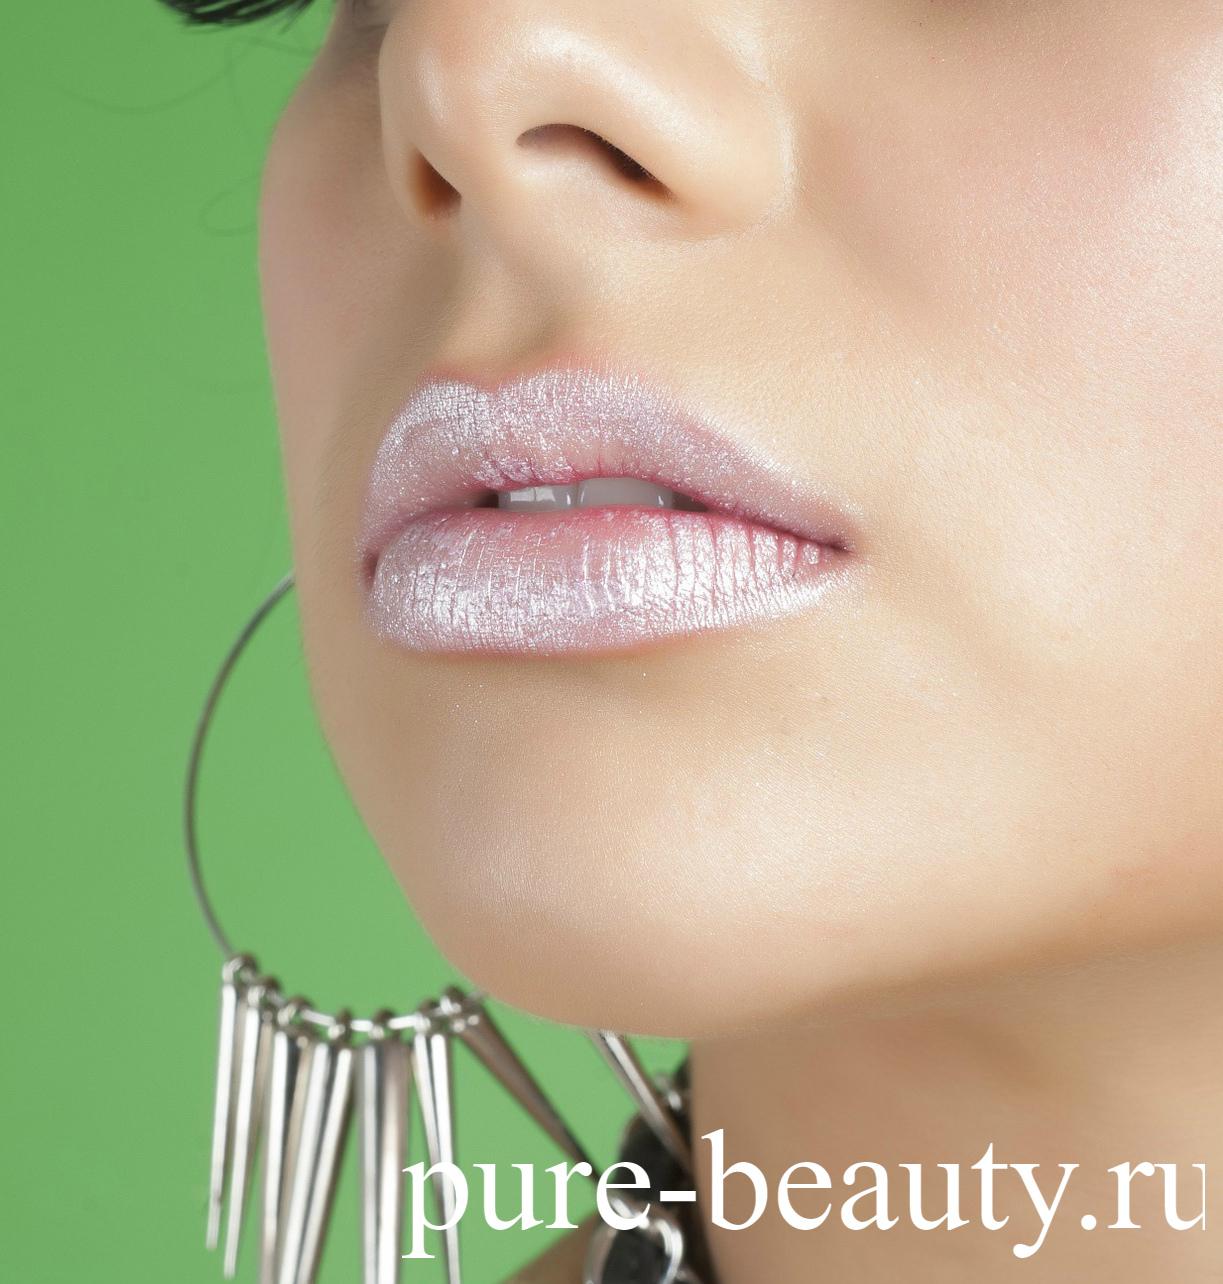 Видео-рецепт скраба для губ